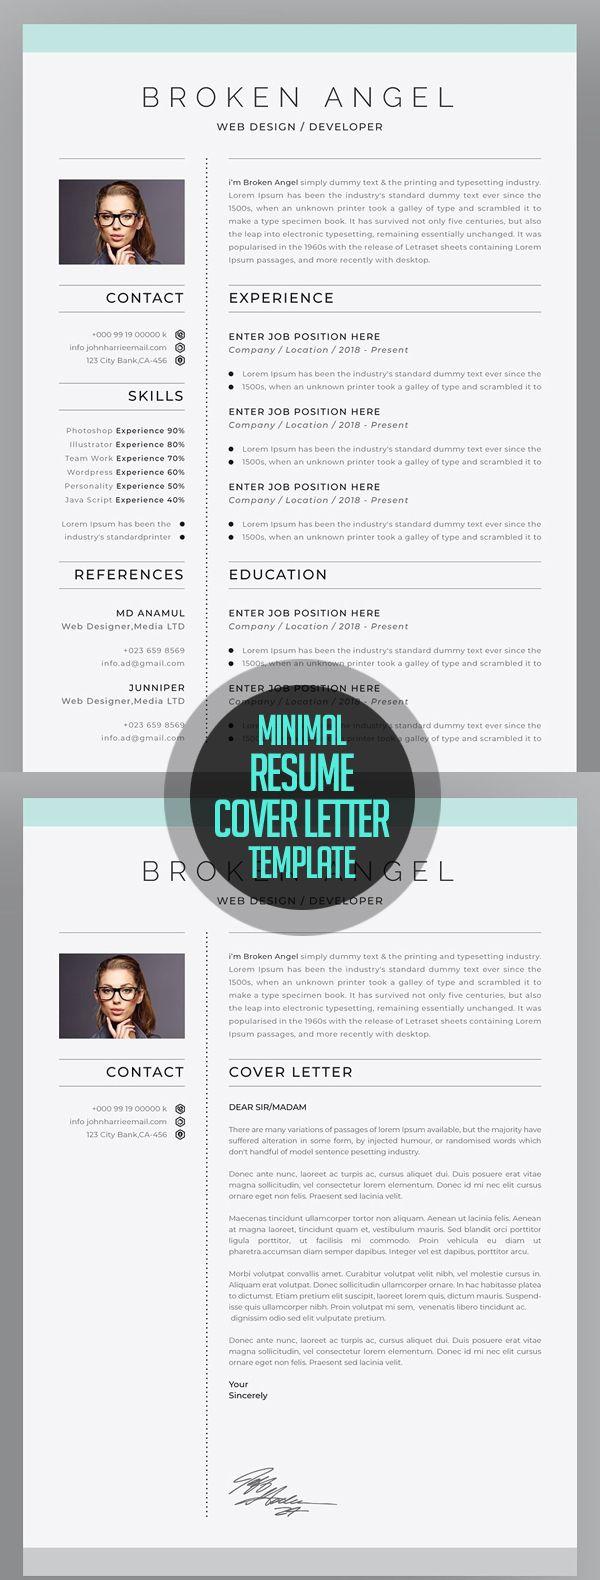 Resume Cover Letters Minimal Resume  Cover Letter  Pinterest  Resume Cover Letters .